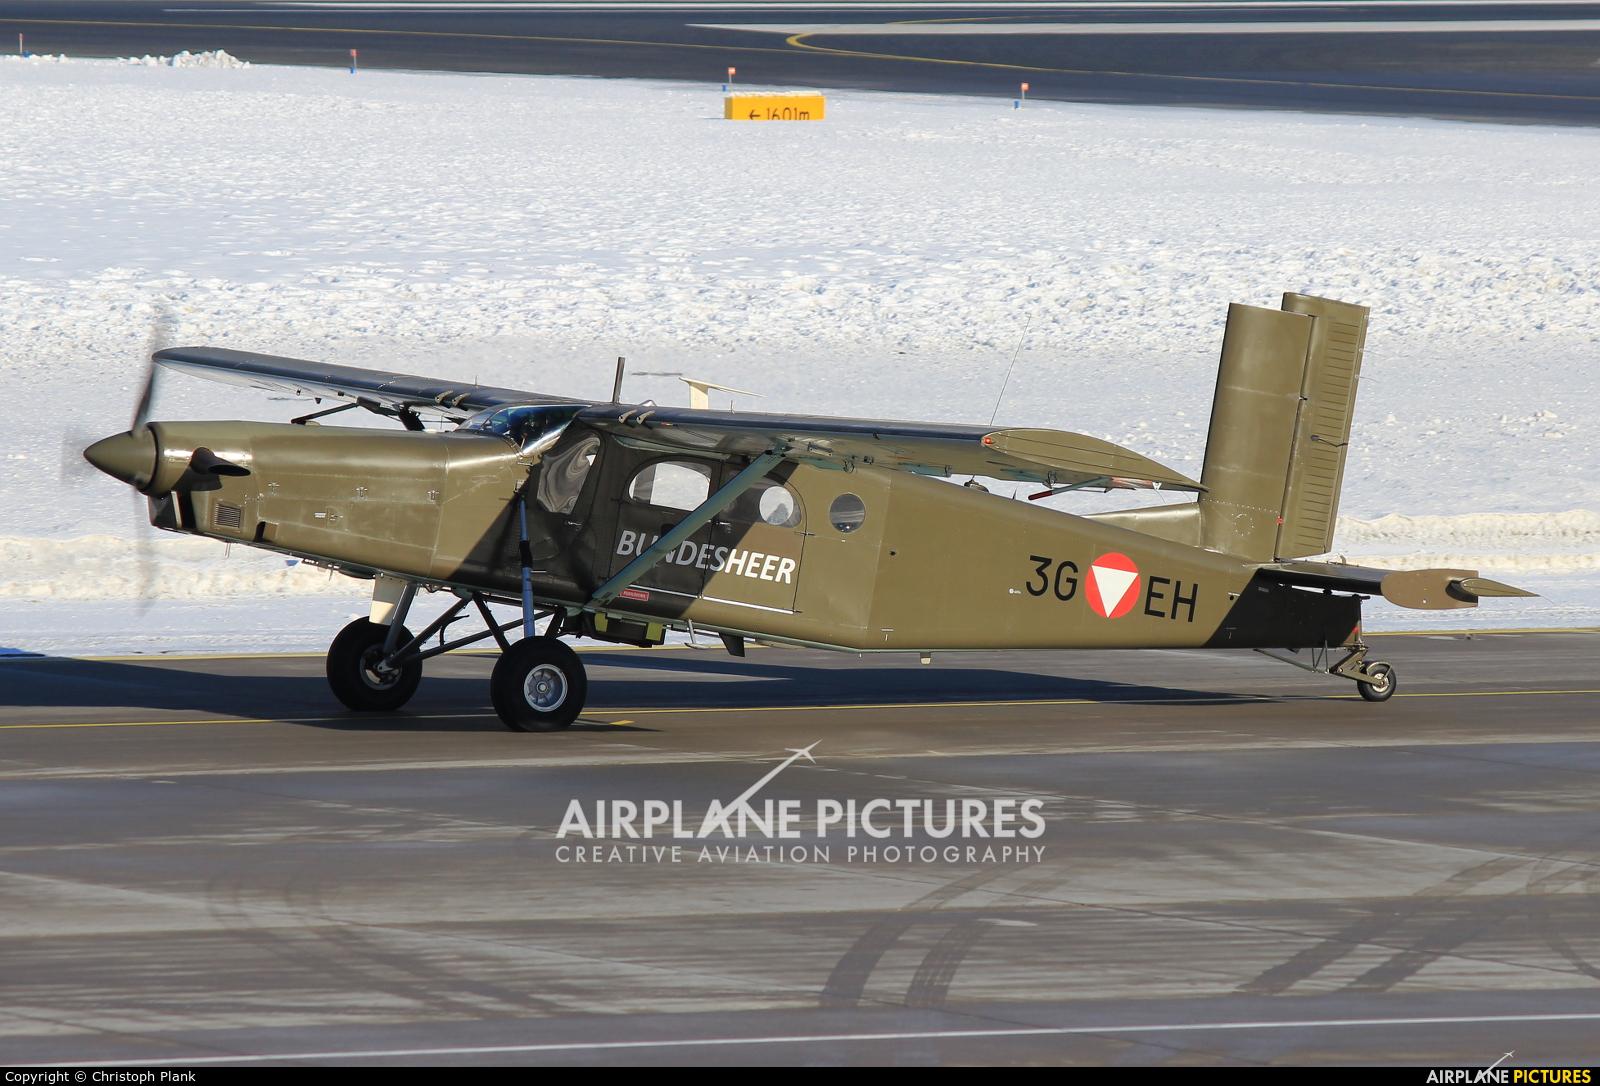 Austria - Air Force 3G-EH aircraft at Innsbruck